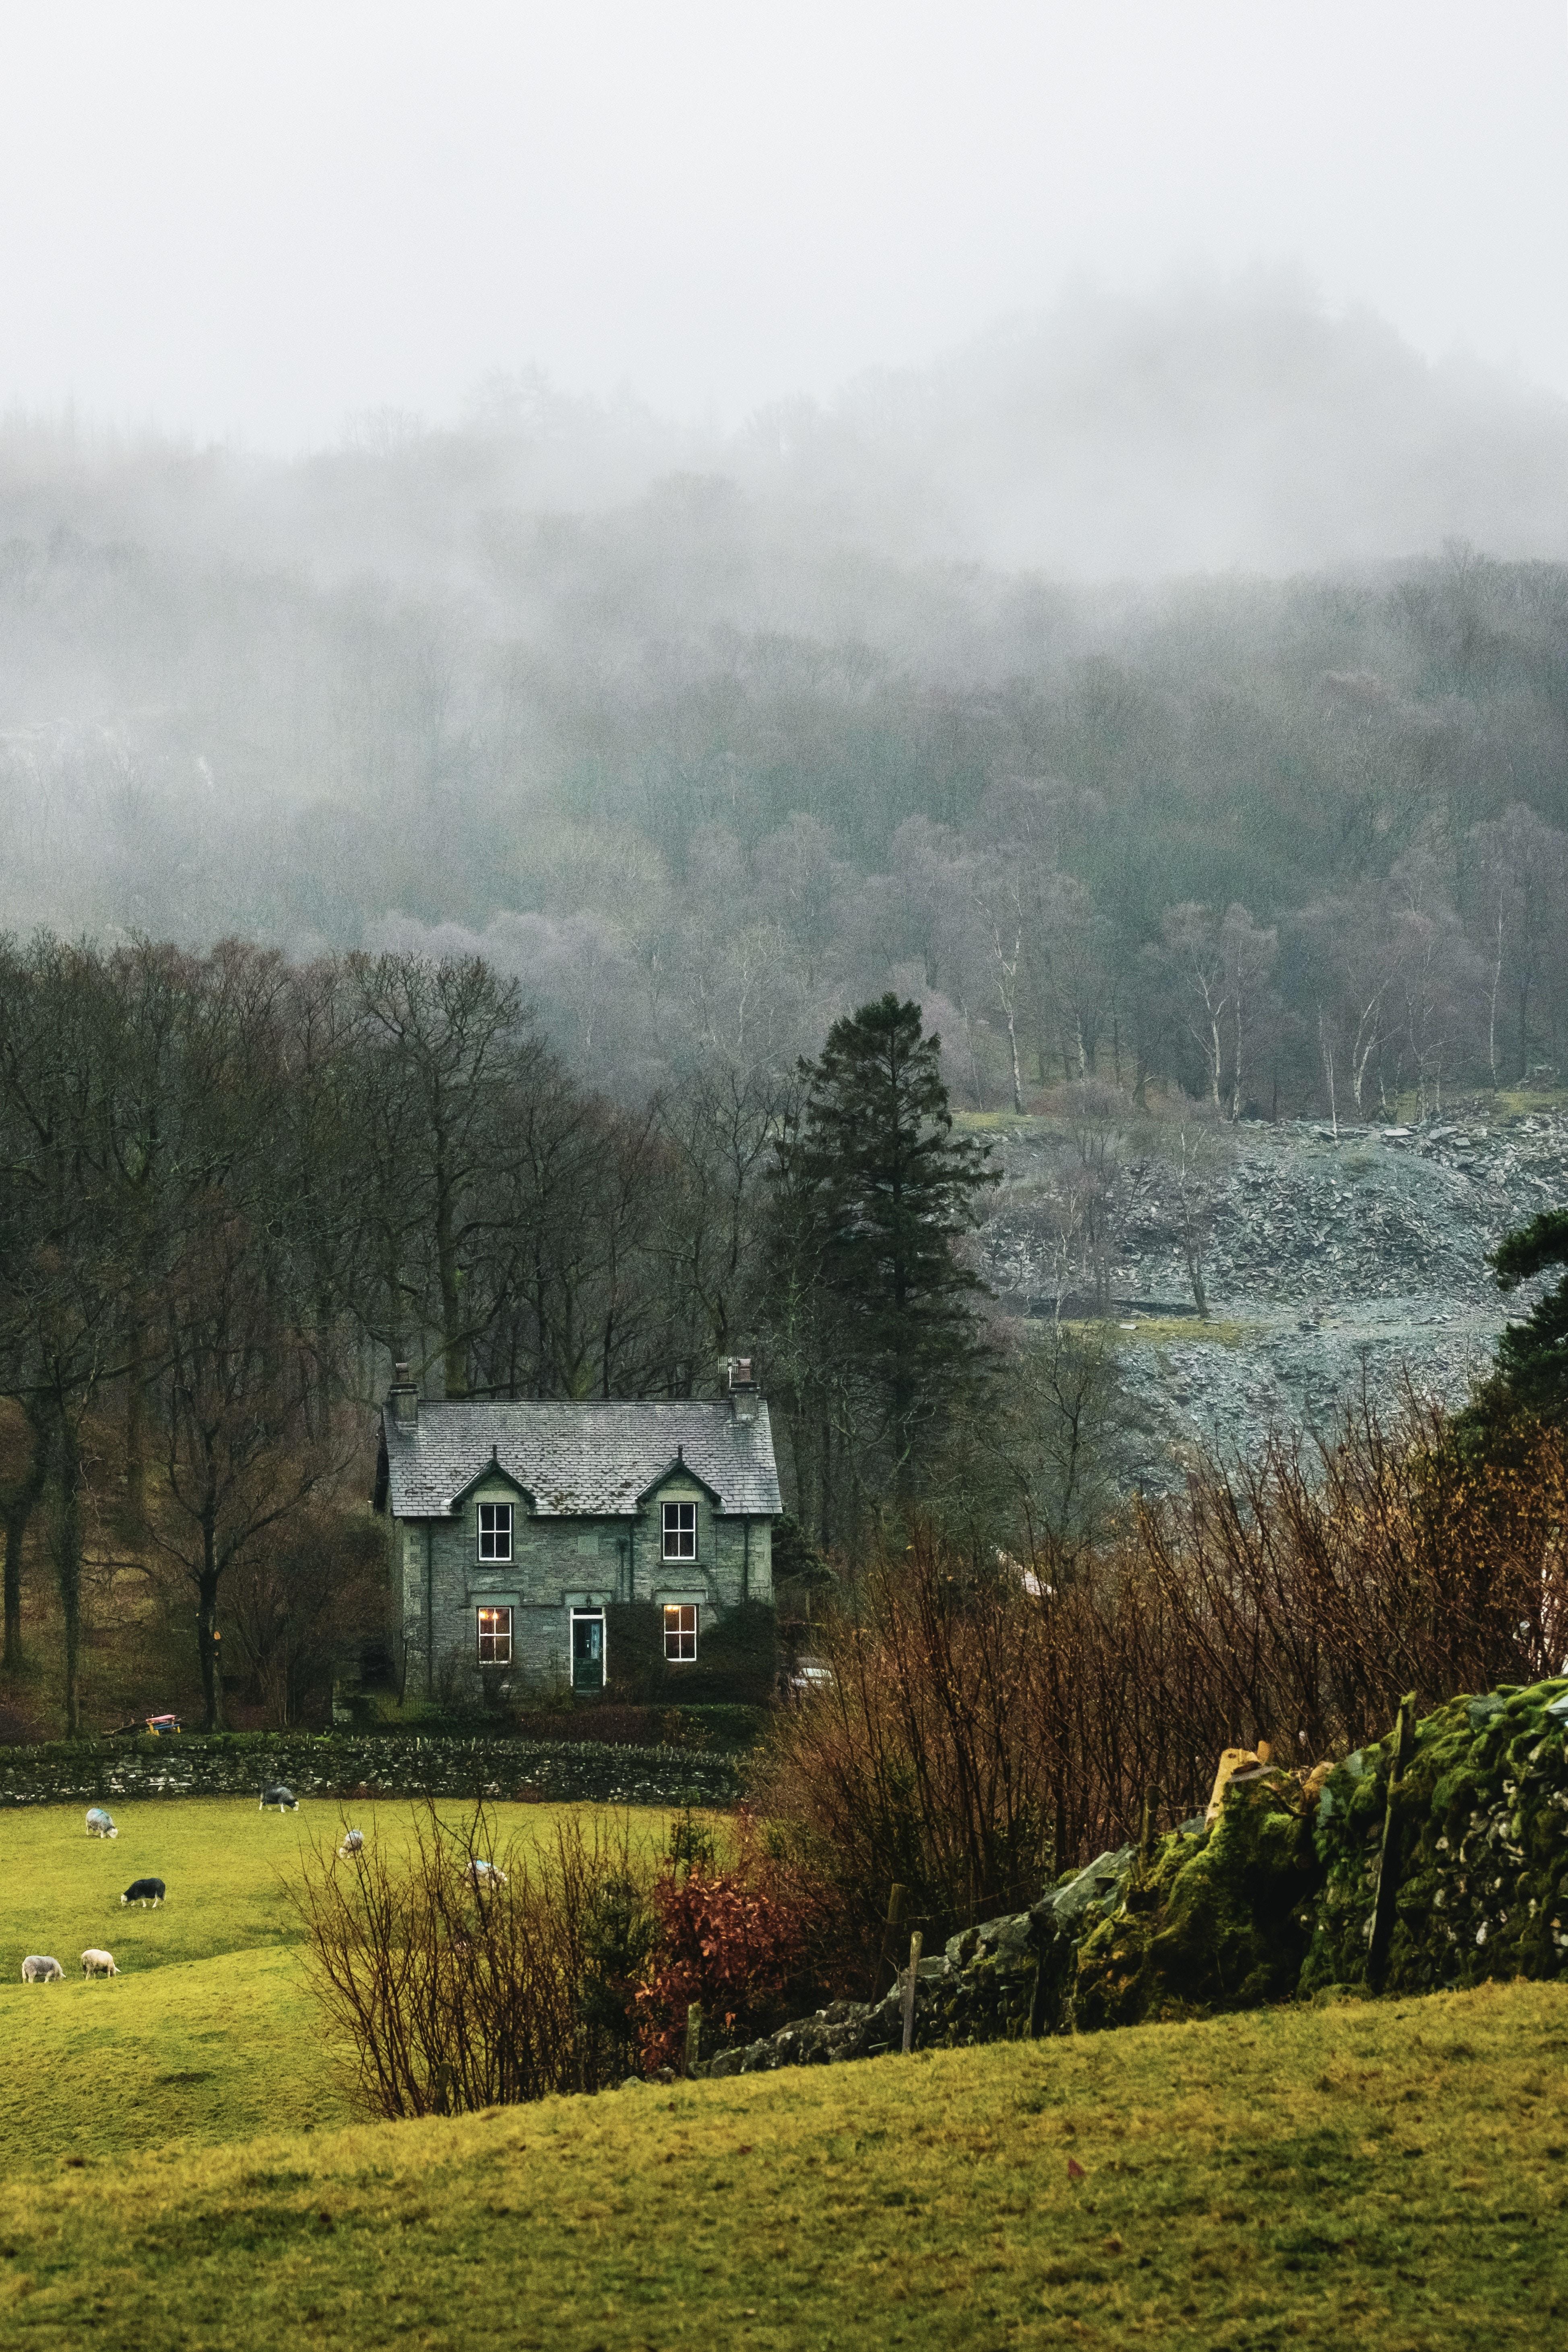 107175 скачать обои Природа, Дом, Туман, Трава, Деревня, Пейзаж - заставки и картинки бесплатно